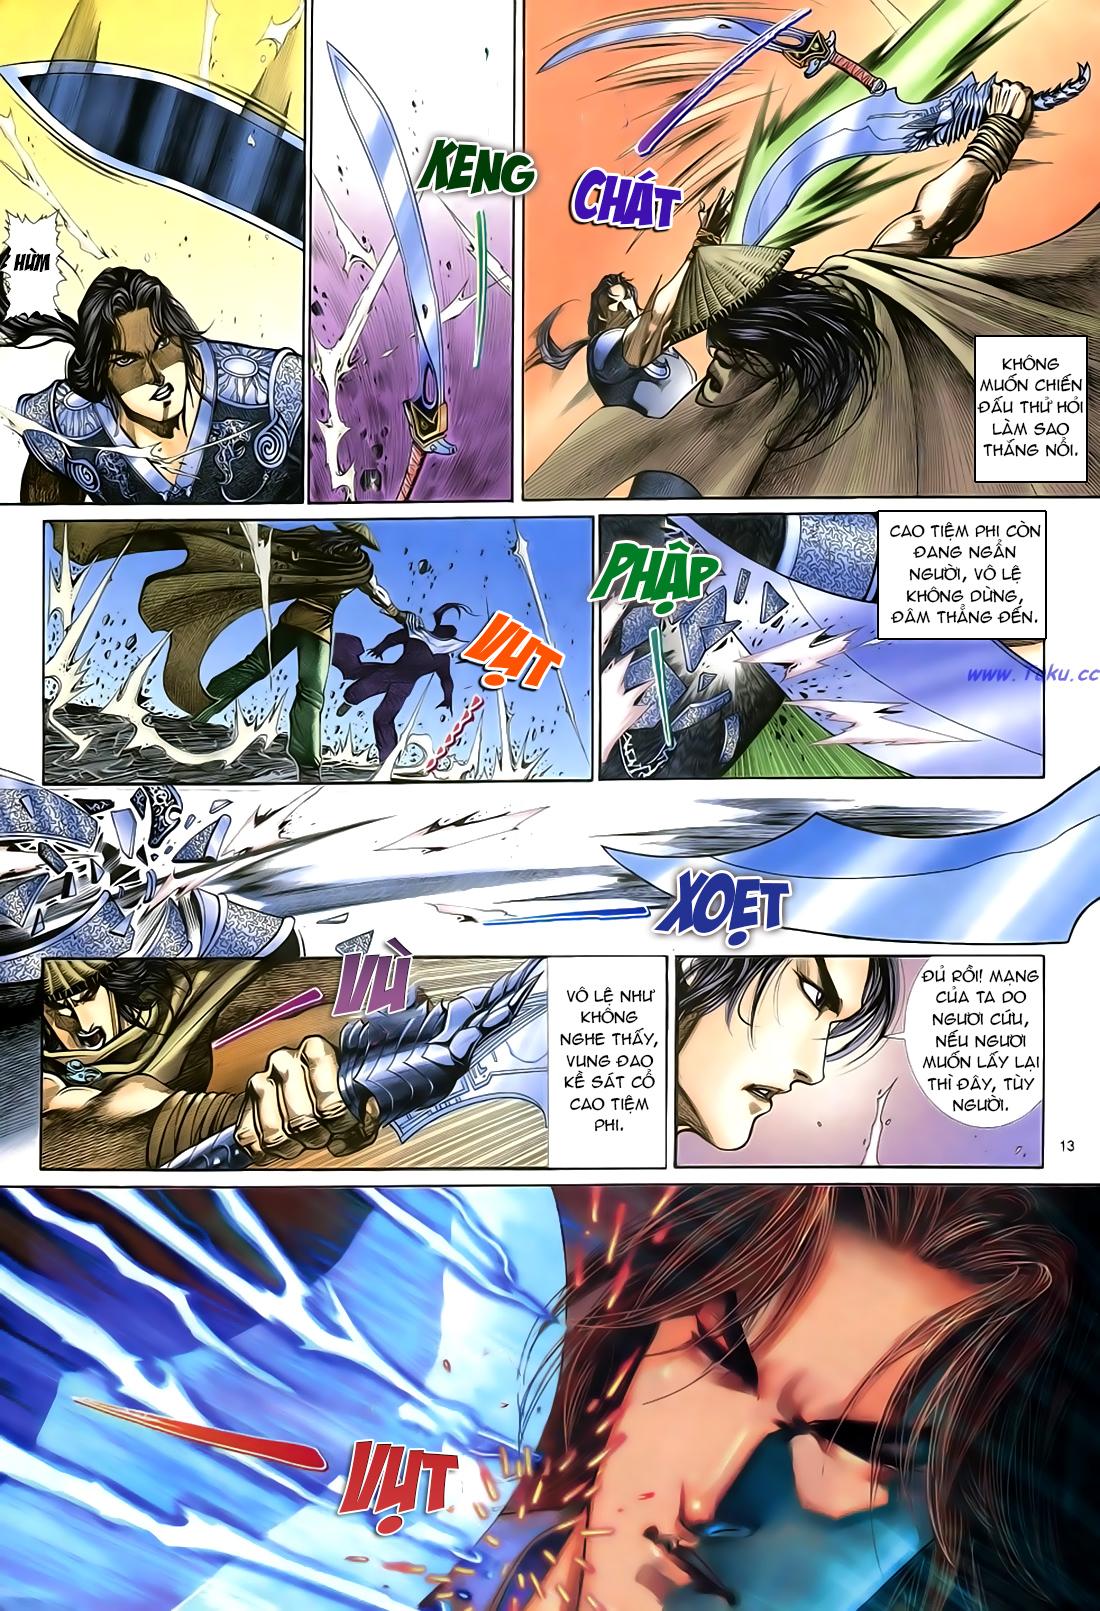 Anh hùng vô lệ Chap 21 trang 14